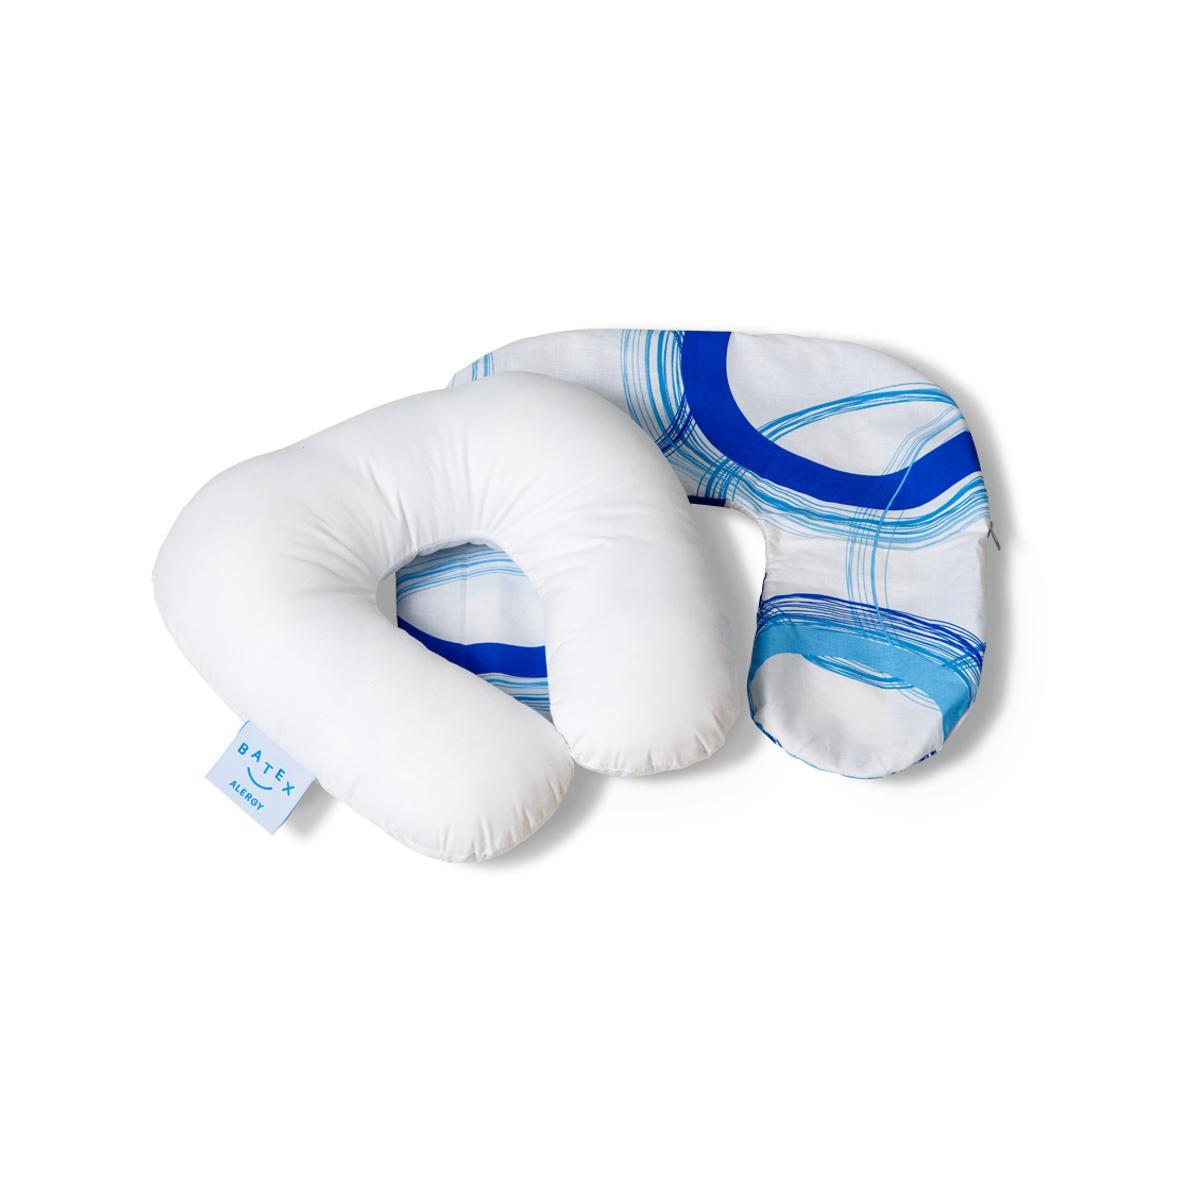 Batex Podkova z dutého vlákna, 221 40x40 cm, 0.3 kg